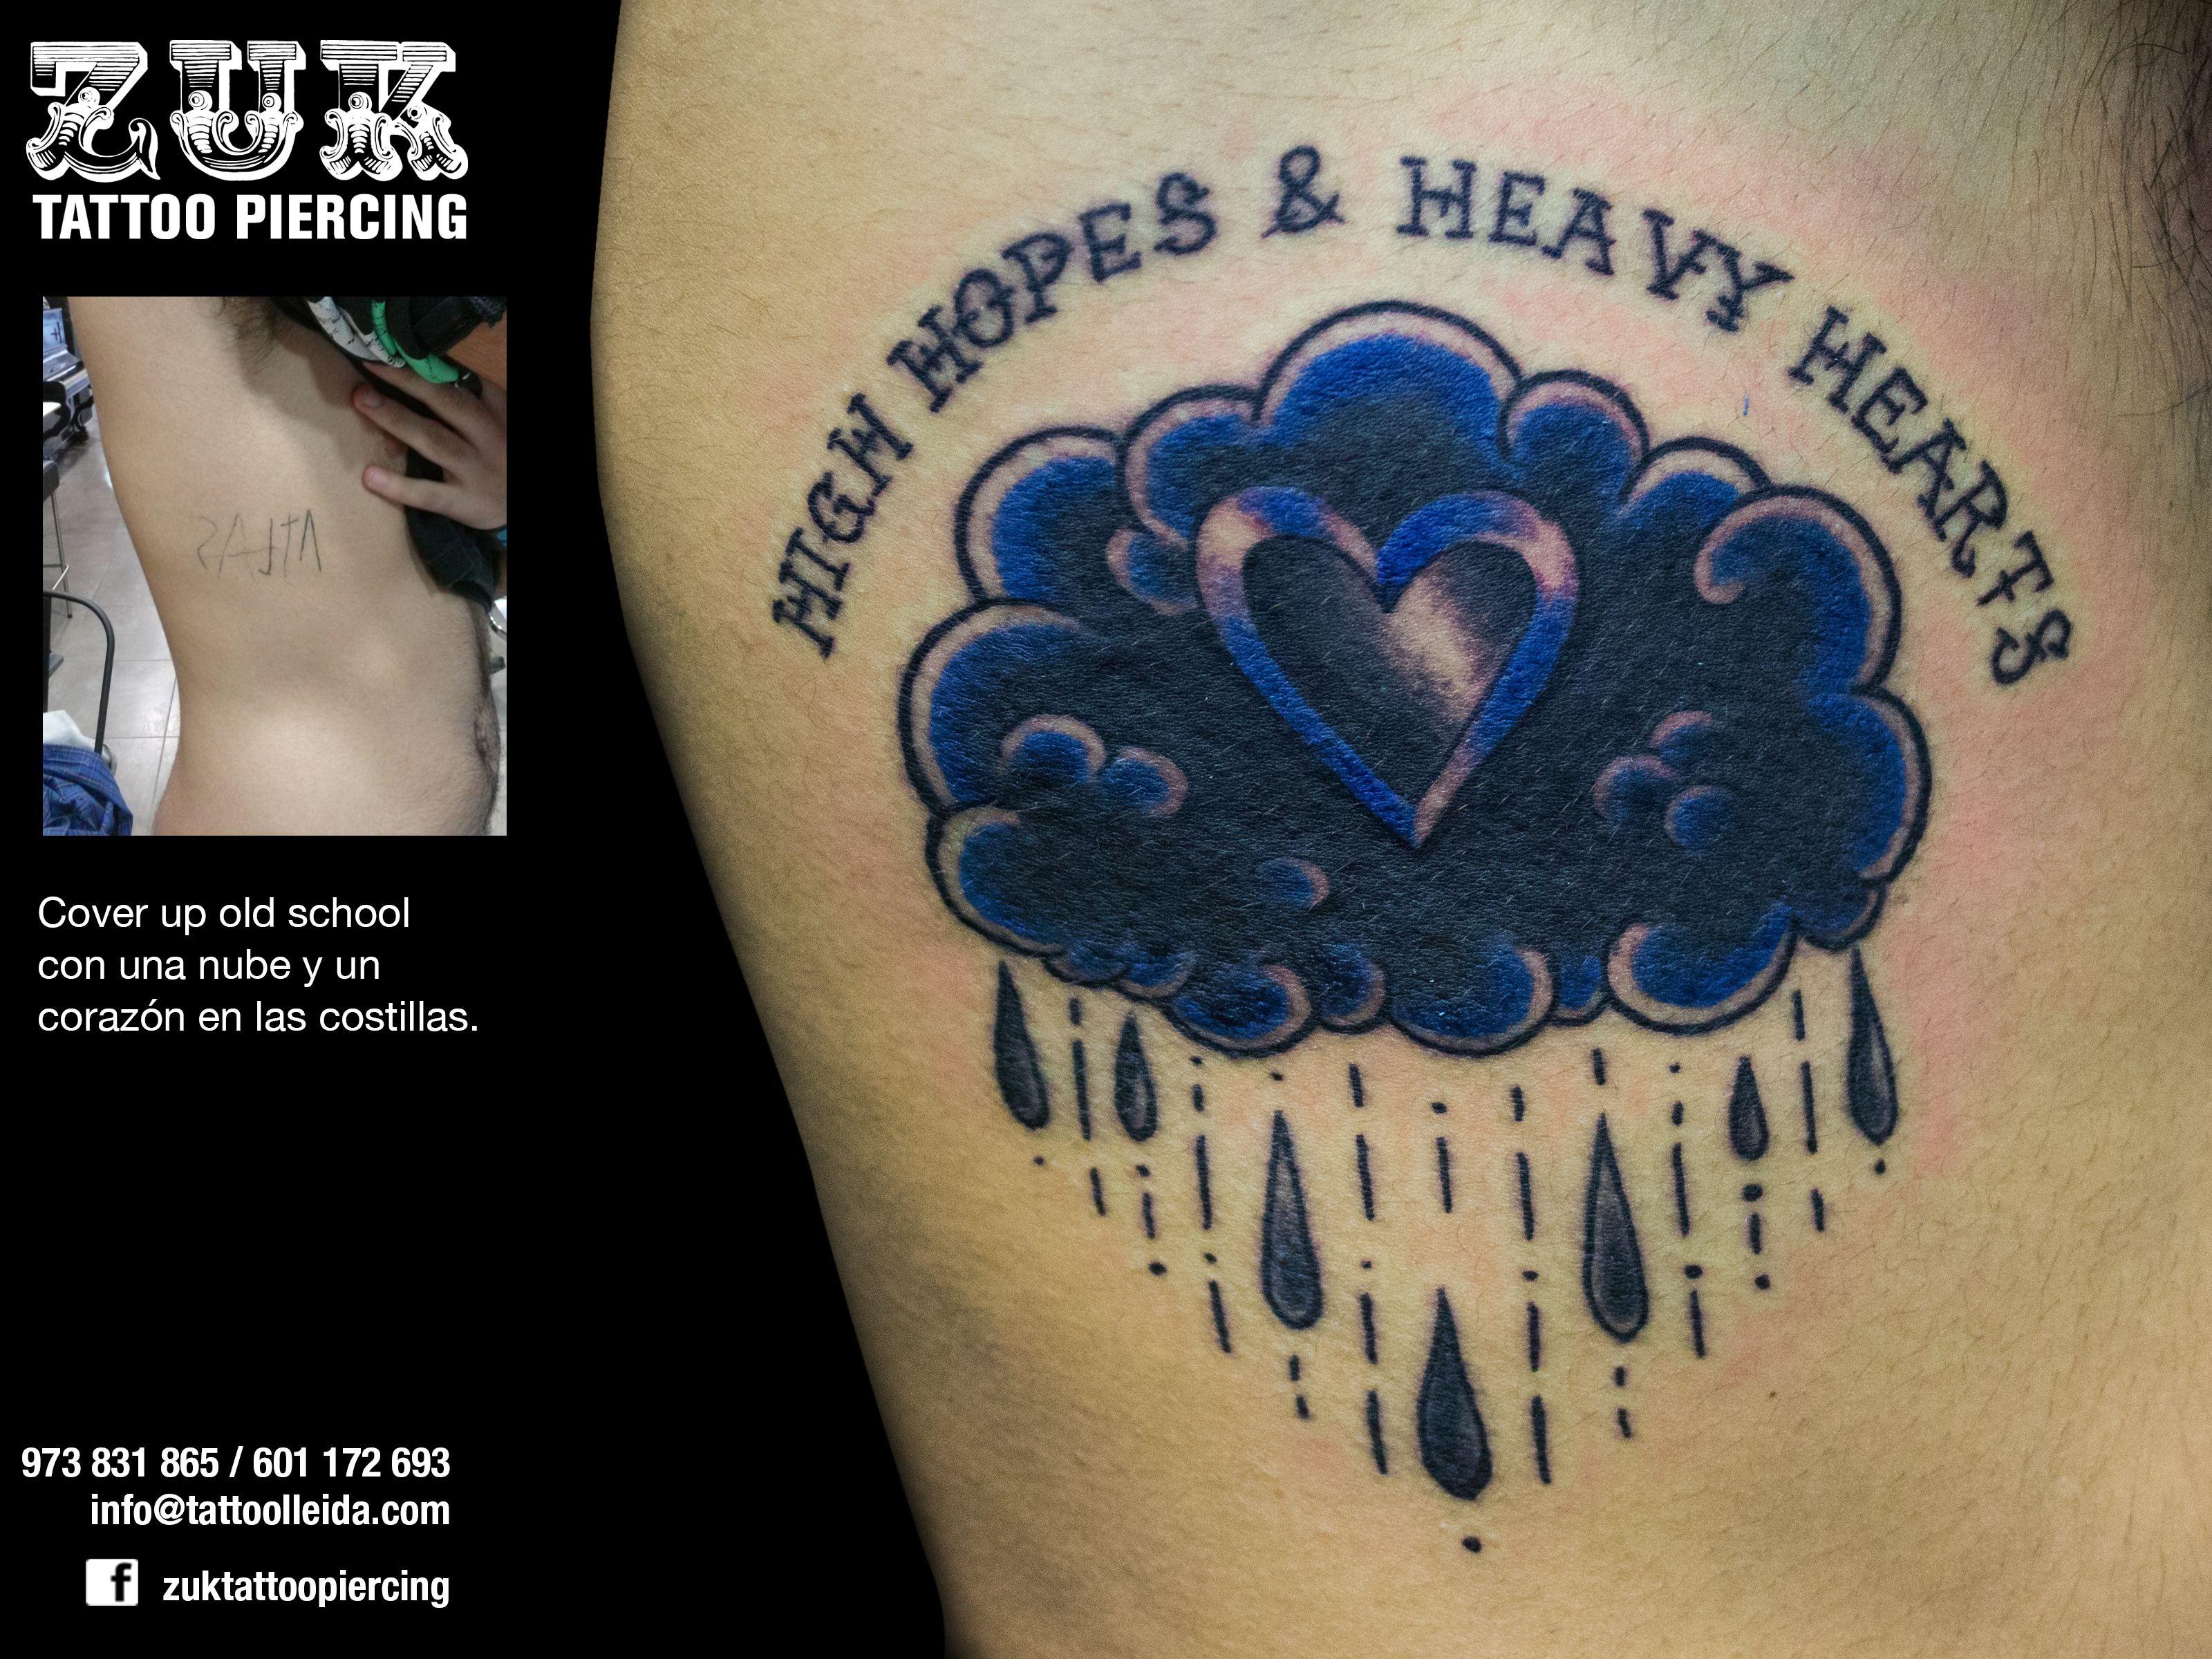 Tattoo old school tatuaggi old school pin up significato e foto quotes - Cover Up Old School Con Una Nube Y Un Coraz N En Las Costillas